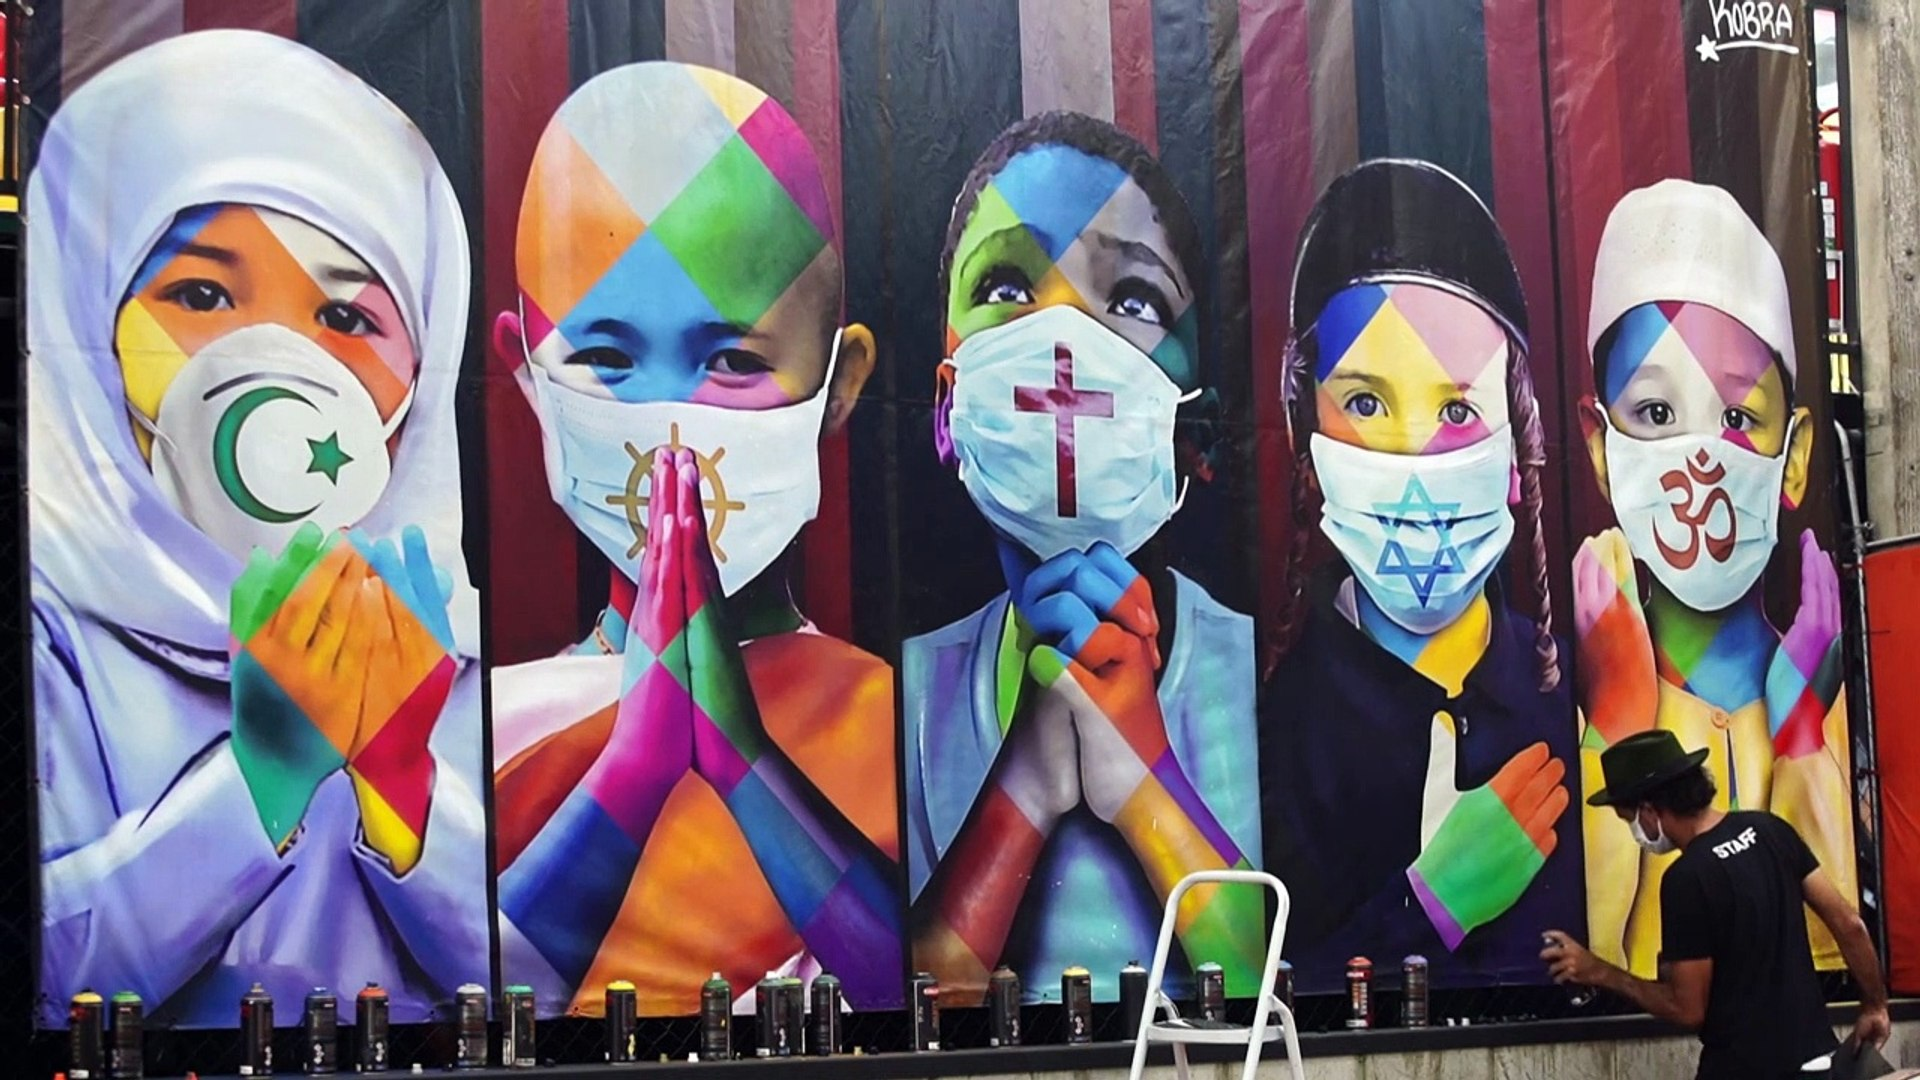 فنان جداريات برازيلي يرسم ويساعد الآخرين في زمن كورونا